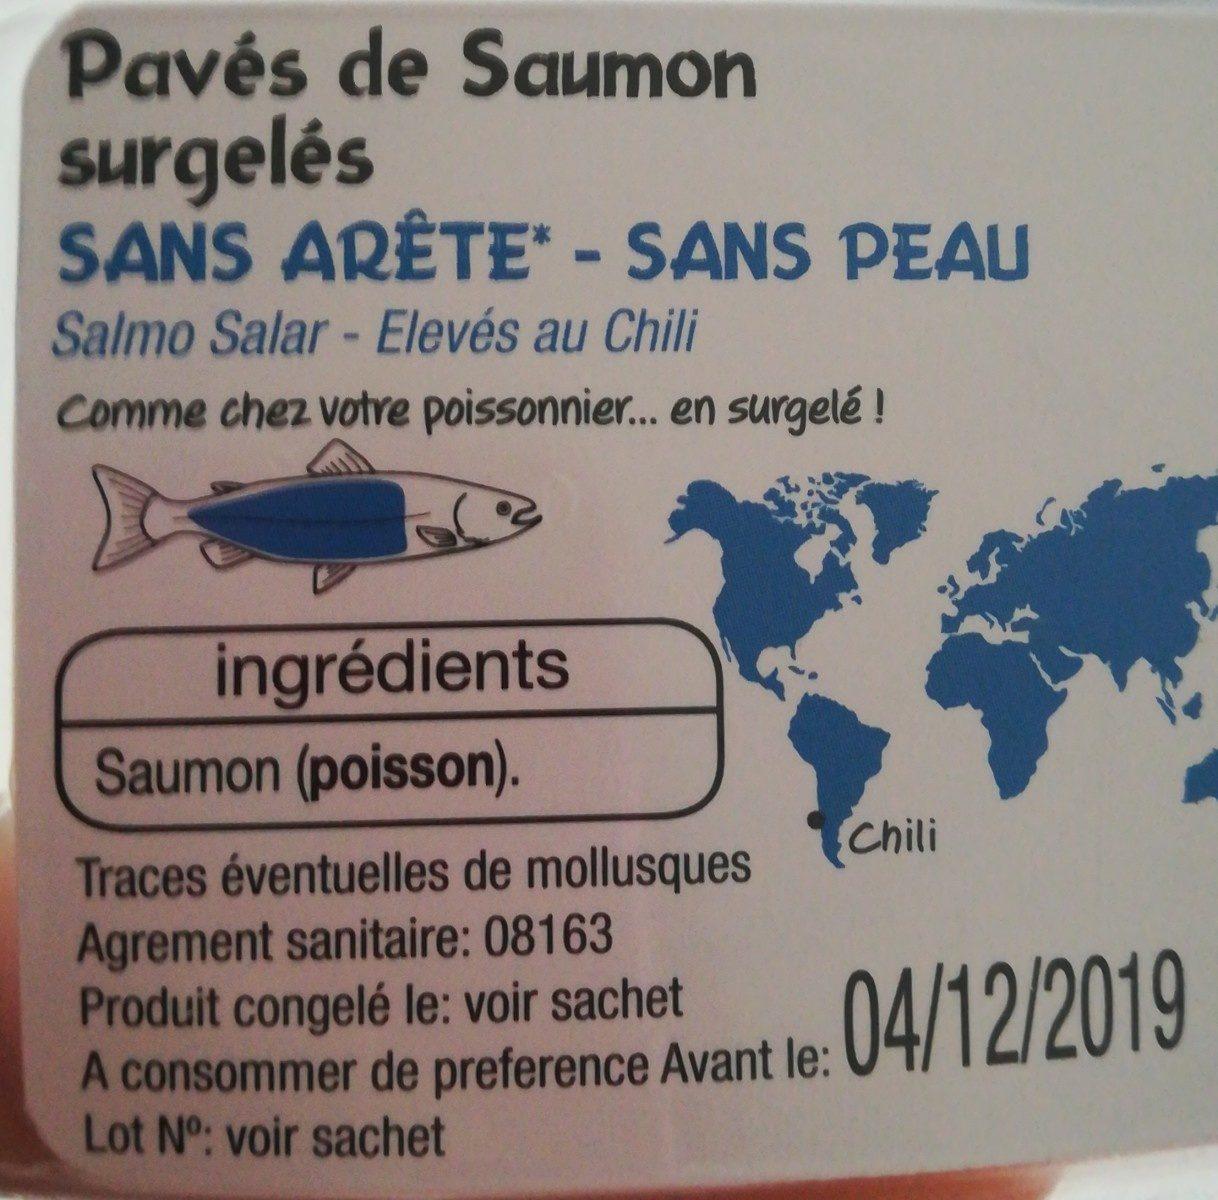 Pavés de saumon surgelés - Ingrédients - fr